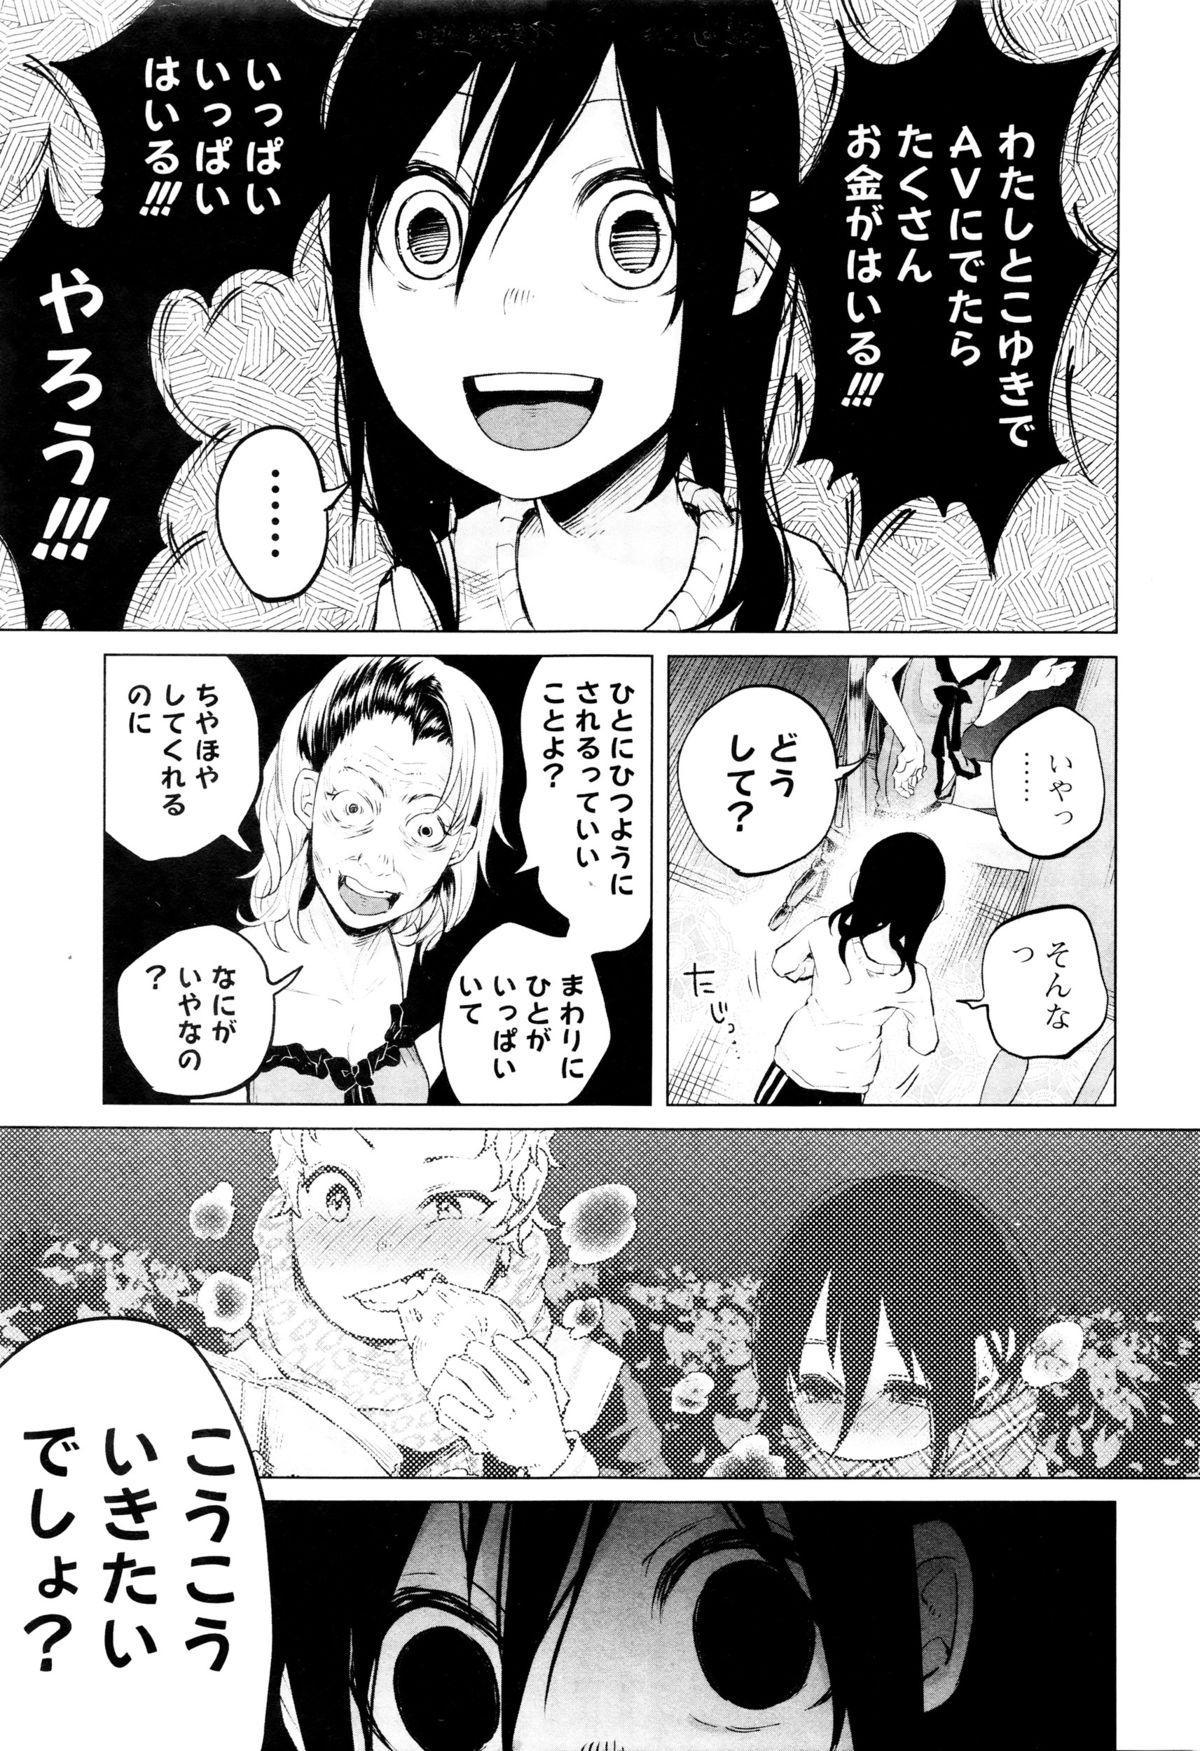 COMIC Mate Legend Vol. 7 2016-02 35